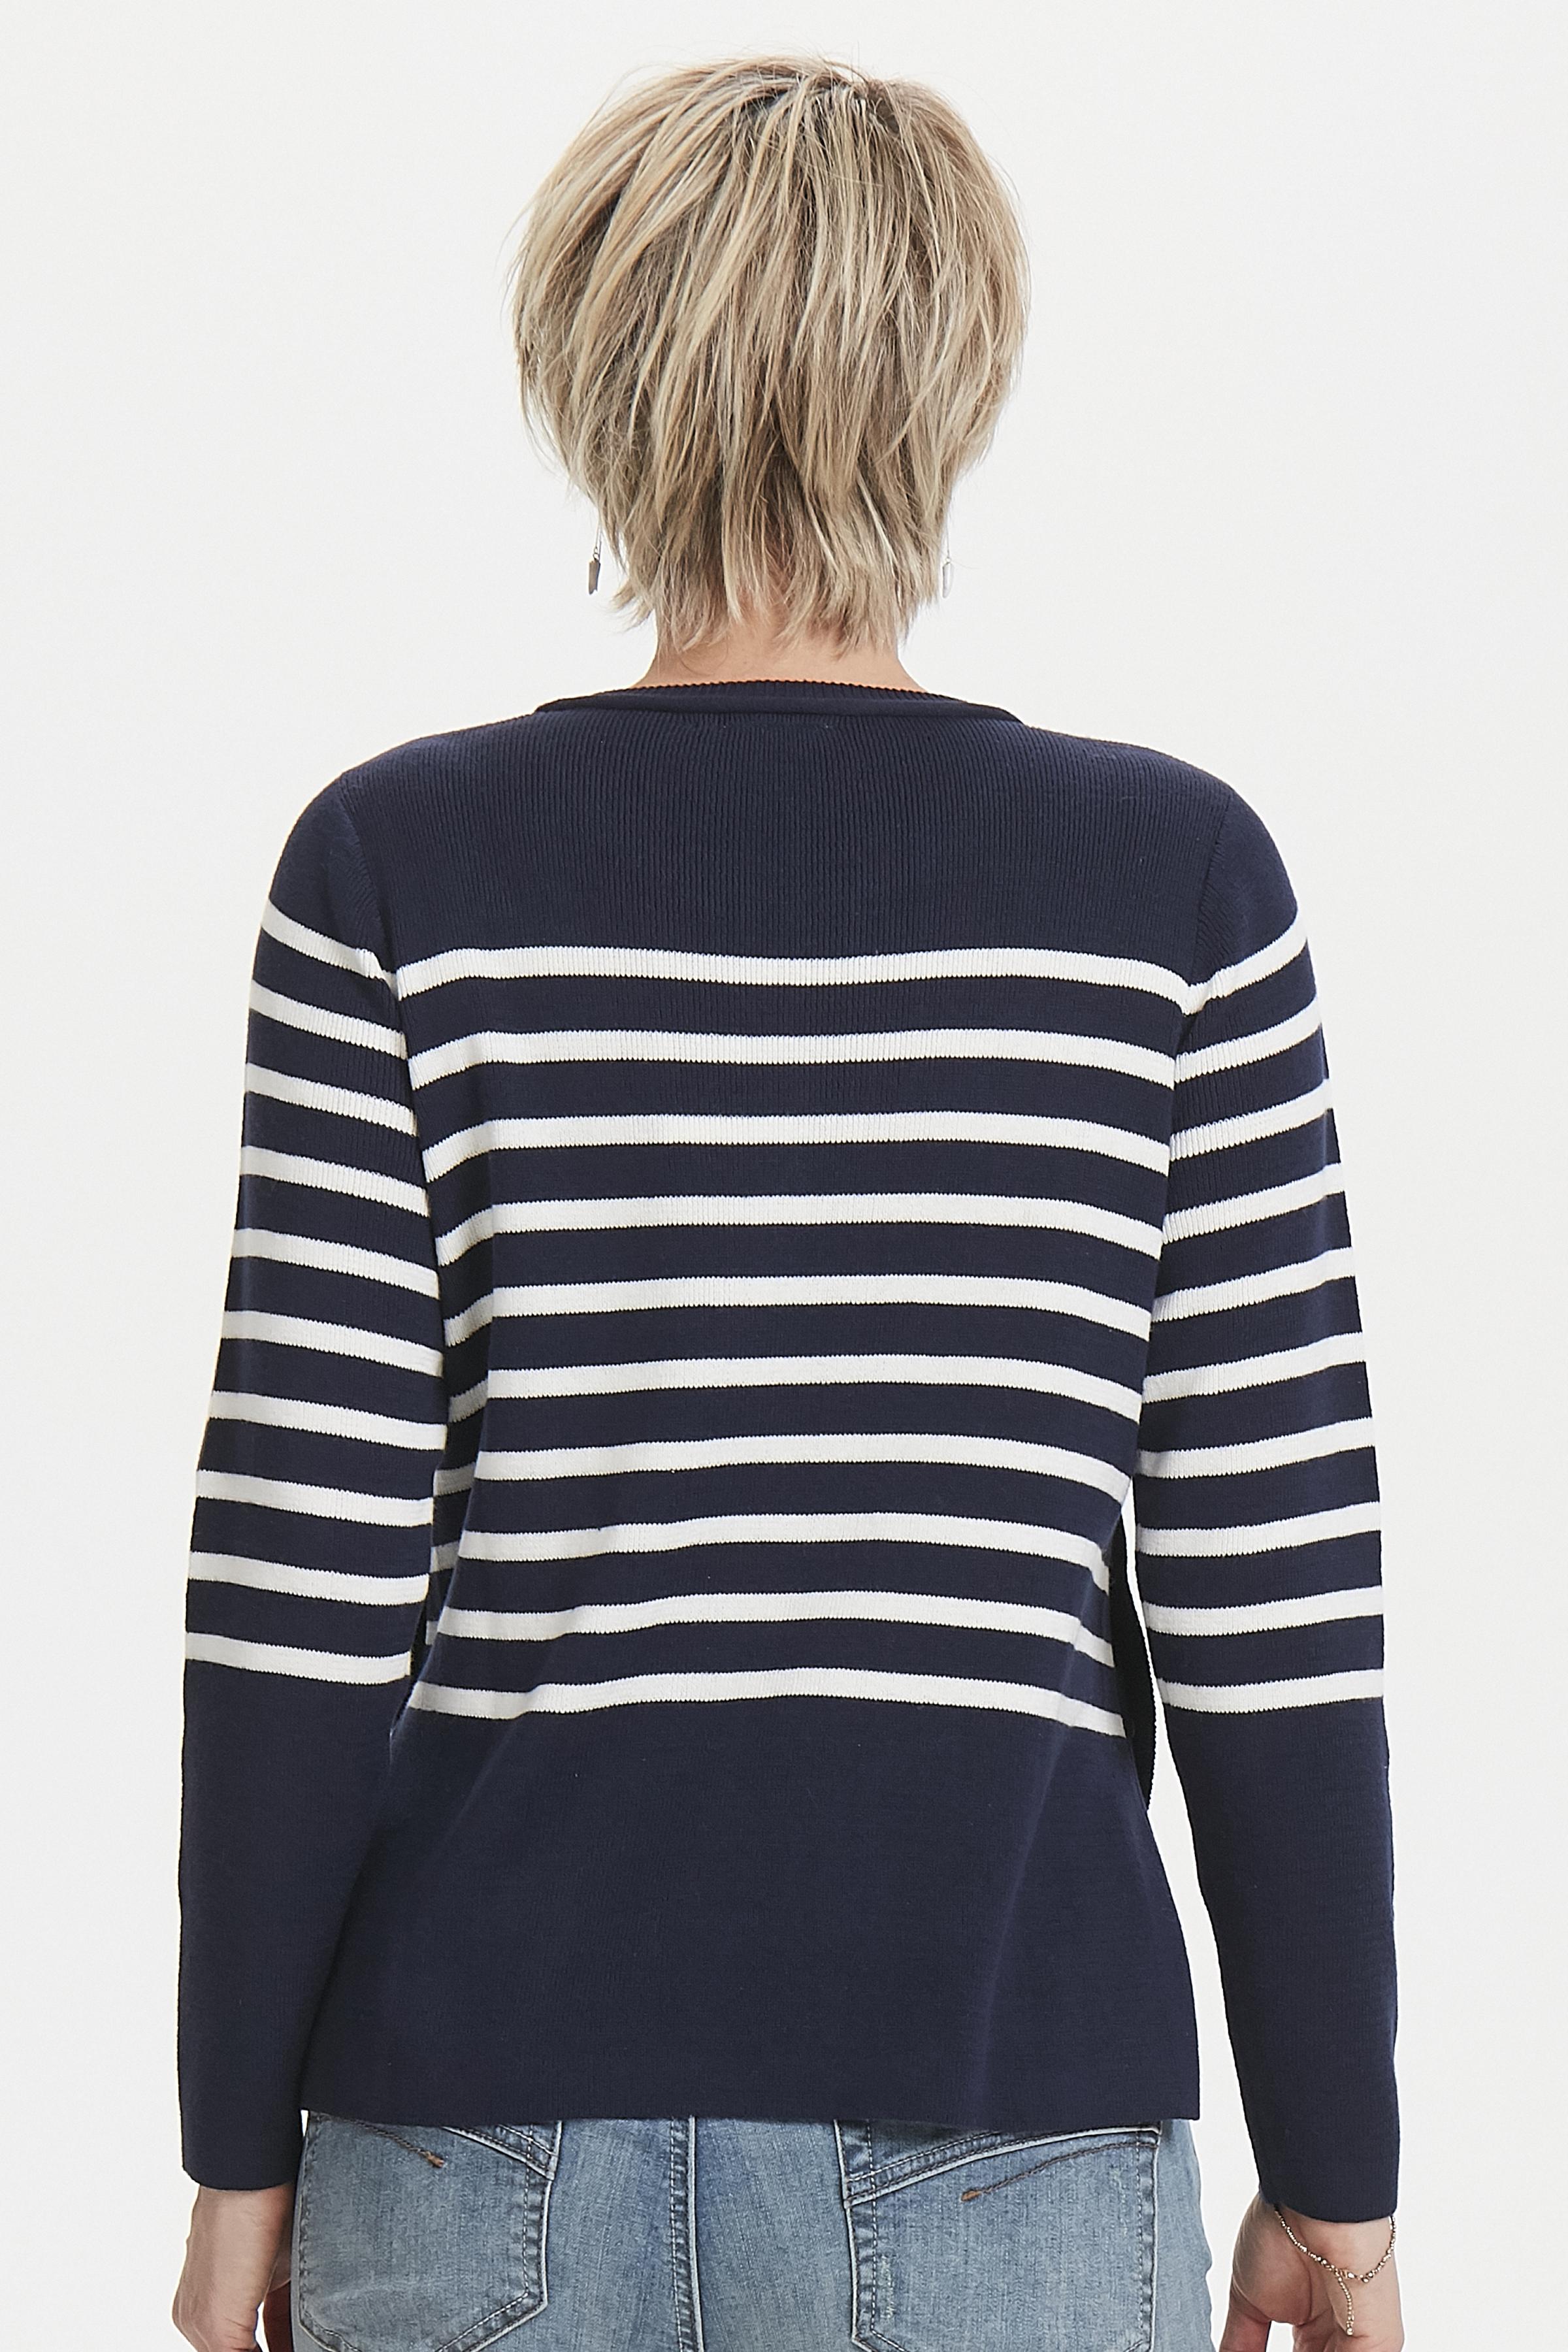 Marineblau/weiß Strickpullover von Fransa – Shoppen Sie Marineblau/weiß Strickpullover ab Gr. XS-XXL hier